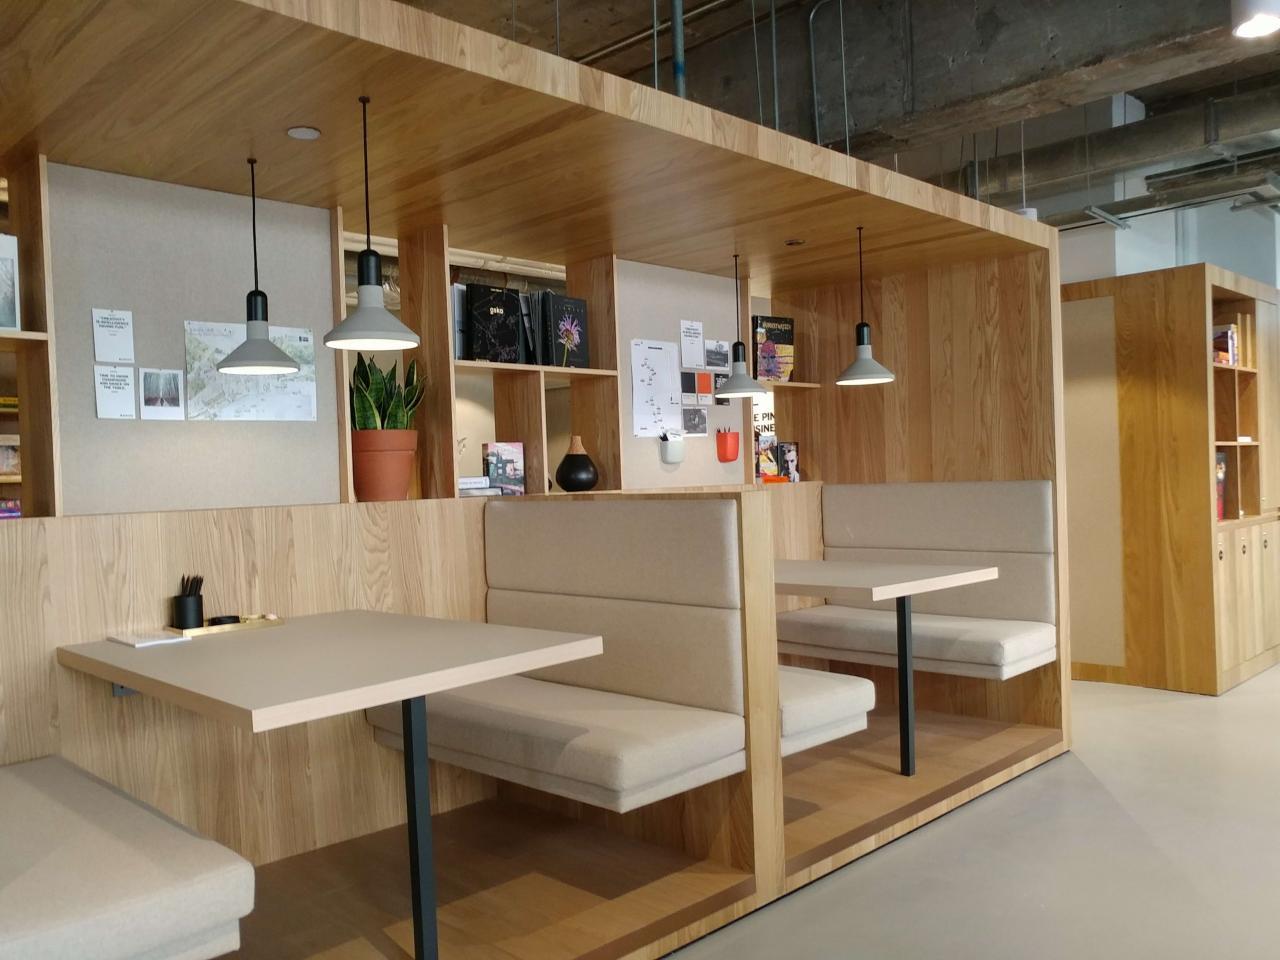 共享工作空間供應過多,要大劈價求存。